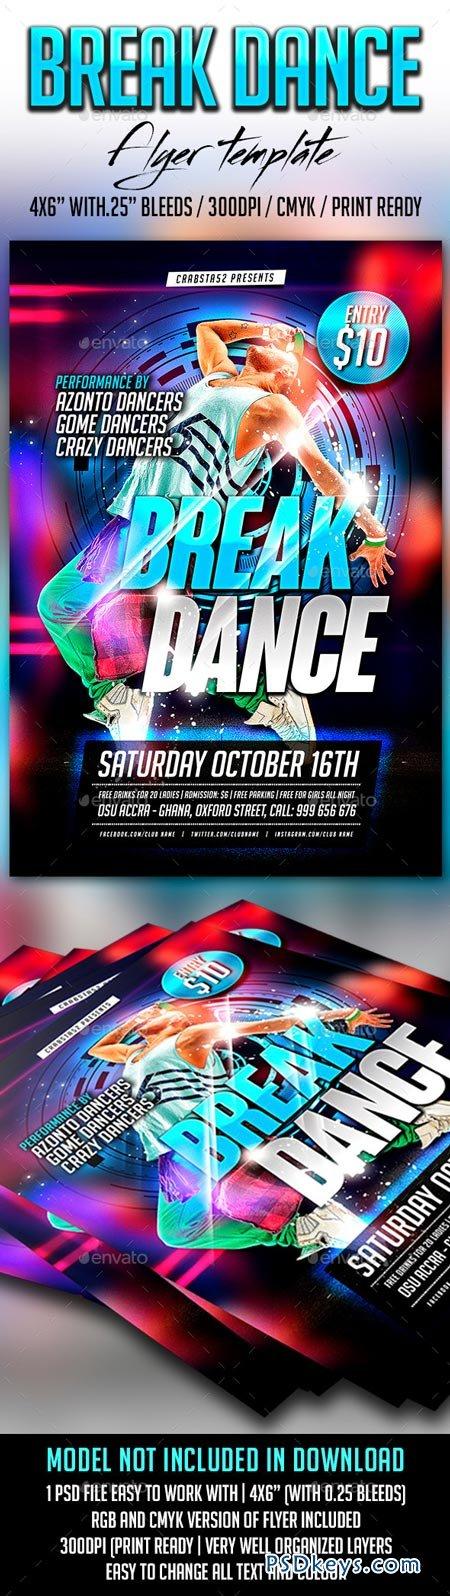 Break Dance Flyer Template 8941633 Free Download Photoshop Vector